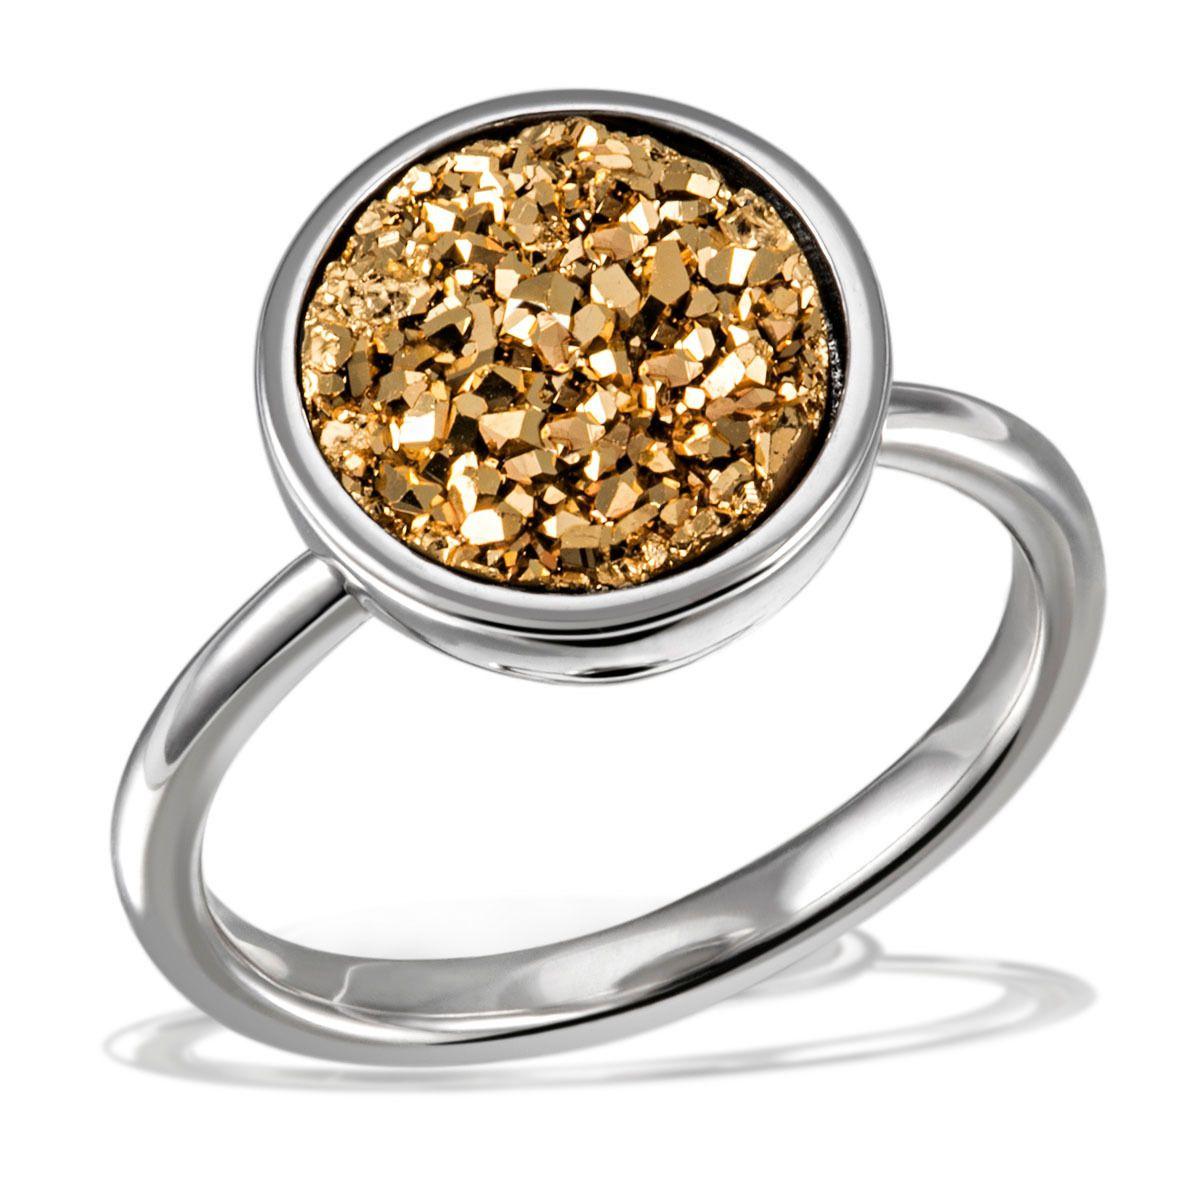 AVERDIN Averdin Damenring 925/- Sterlingsilber 1 gelbes Drusen Mineral